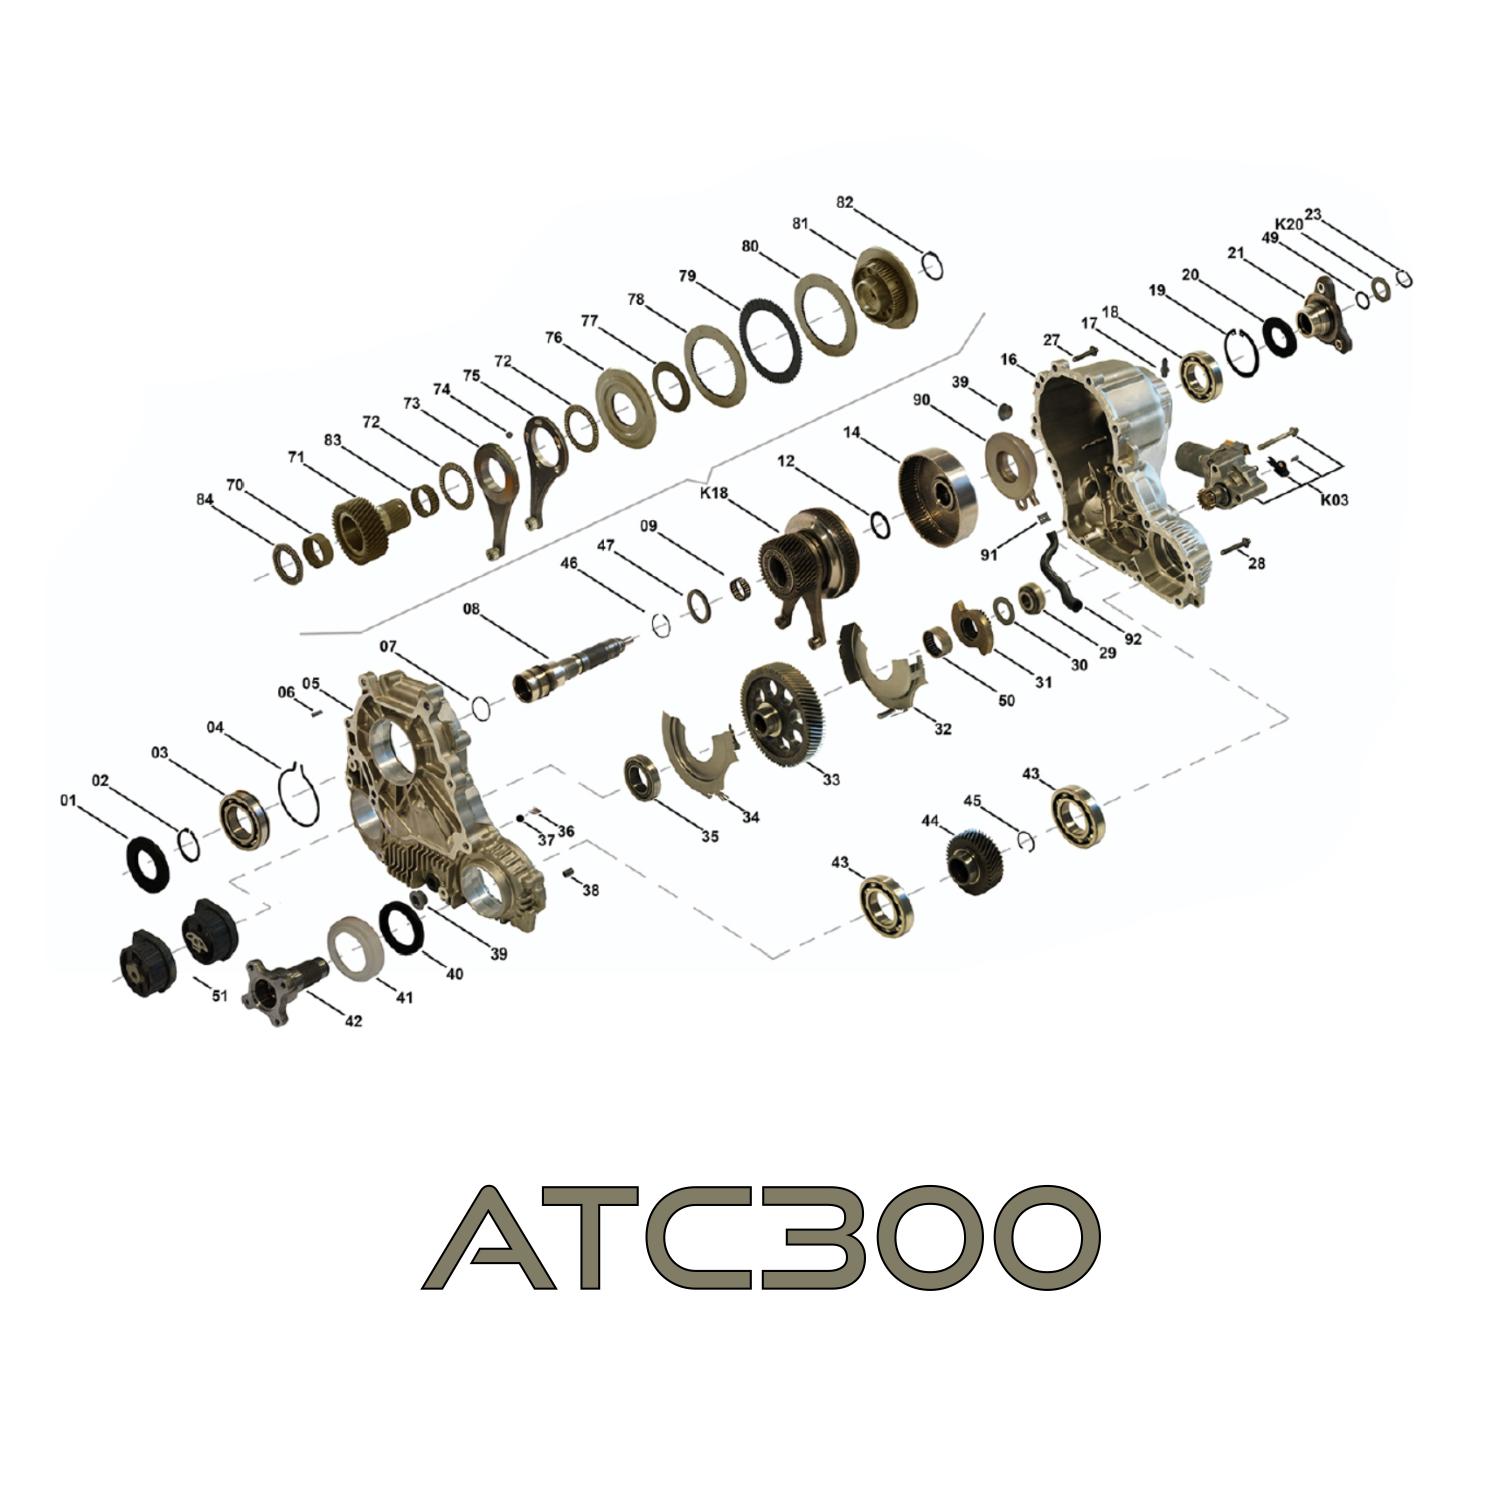 Zestaw Naprawczy Skrzyni Rozdzielczej Reduktora Atc300 Bmw E60 E90